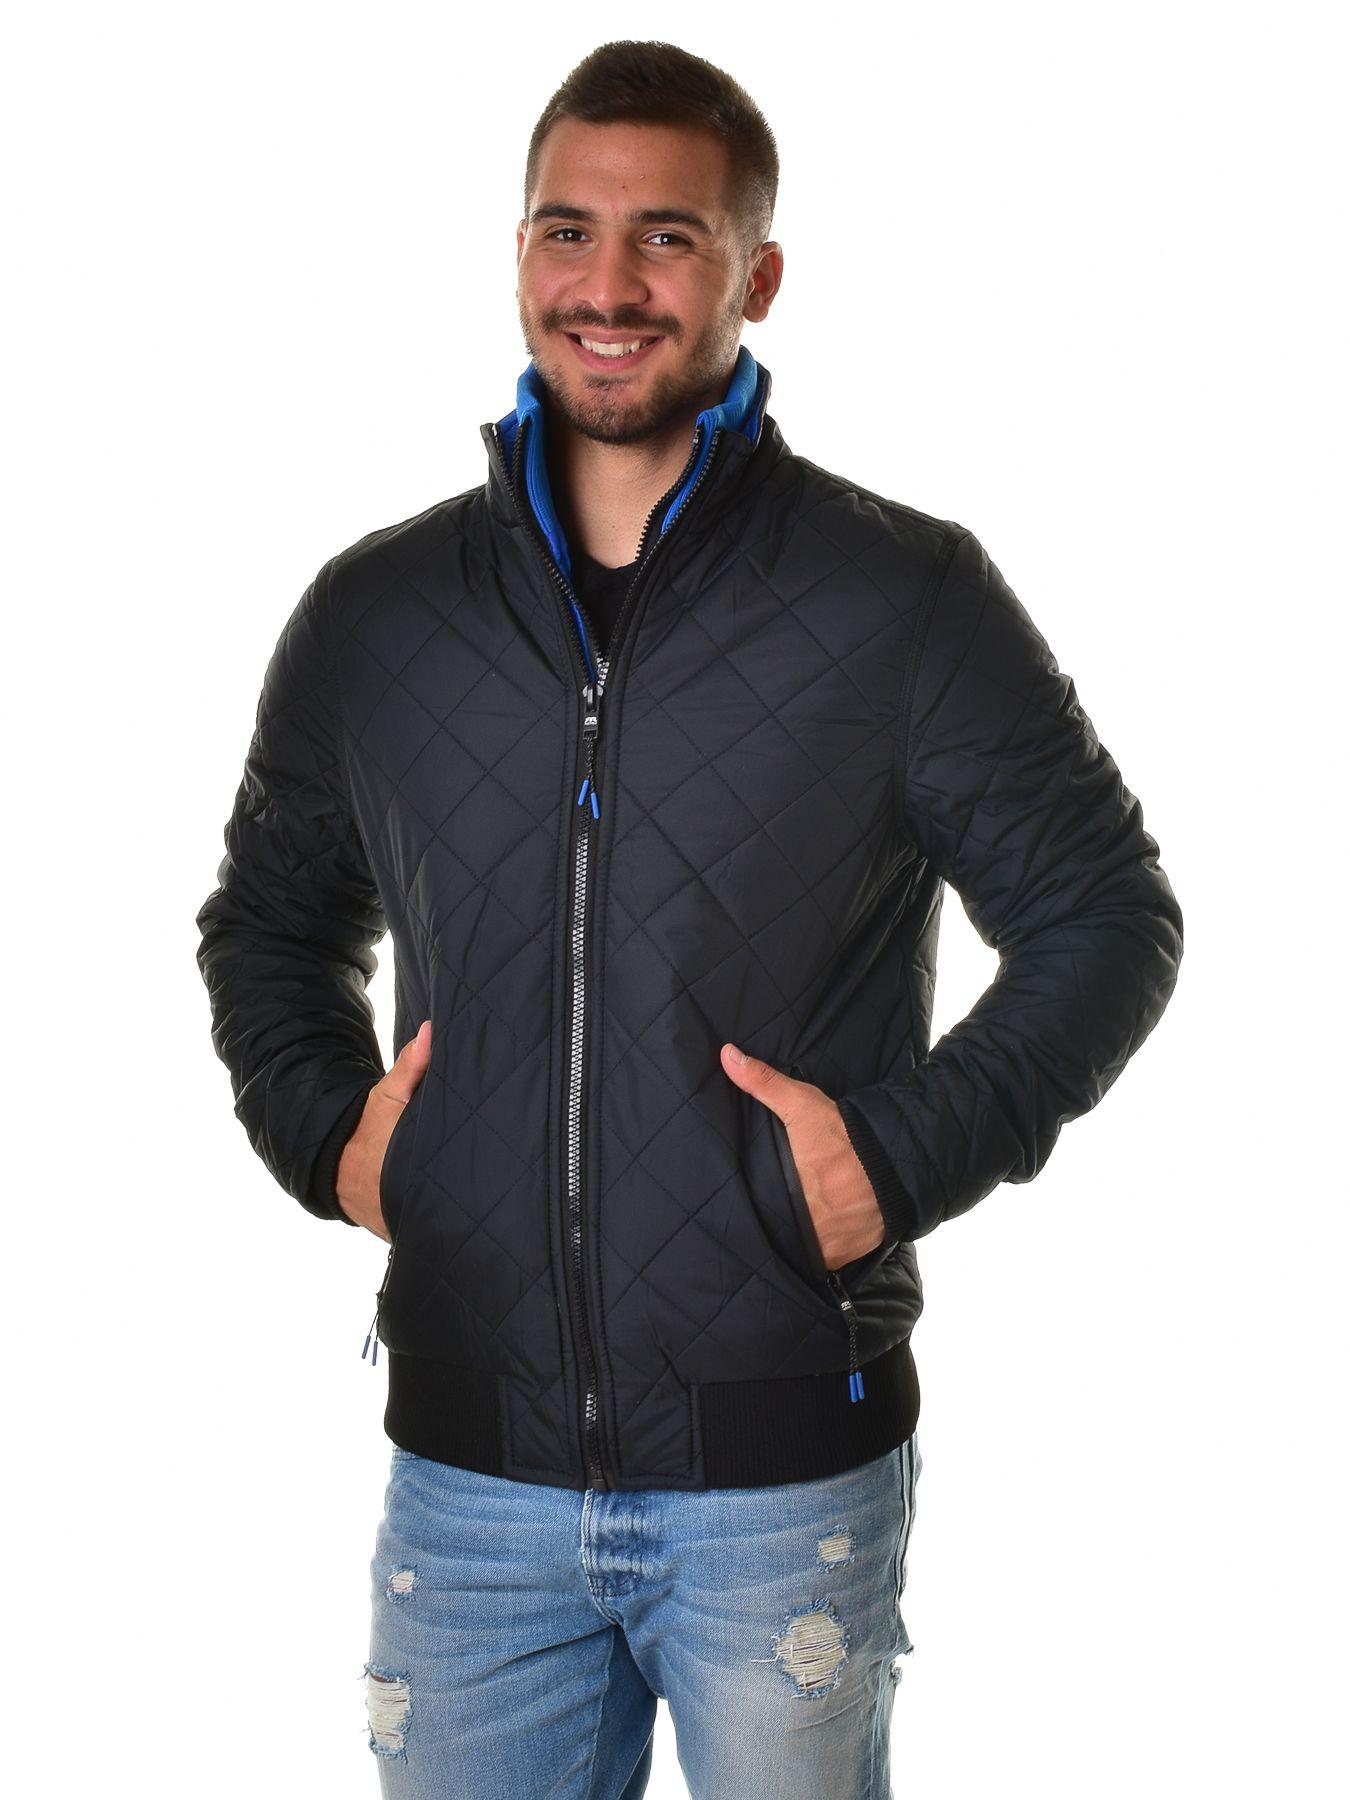 vékony kabát férfi lefogy a rheumatoid arthritis